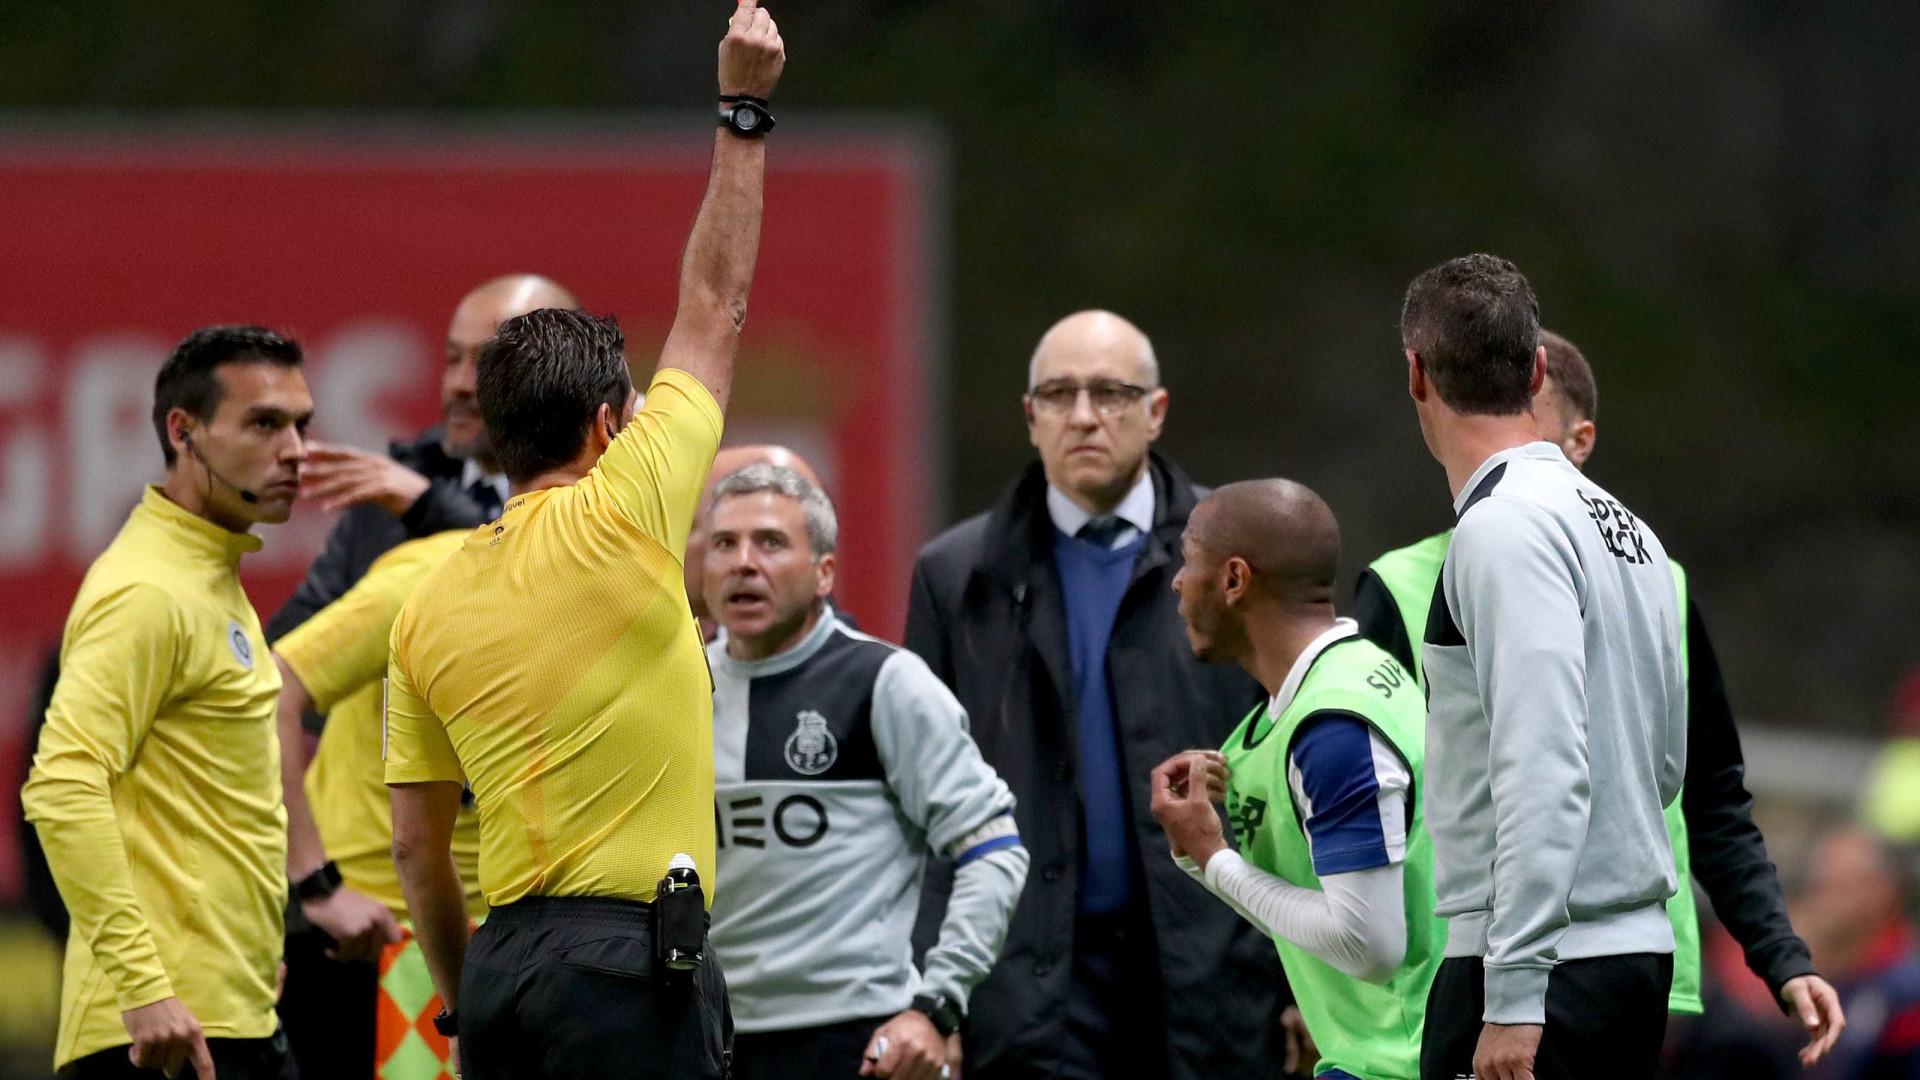 #JeSuisBrahimi: Jogador do FC Porto com direito a hashtag e máscara